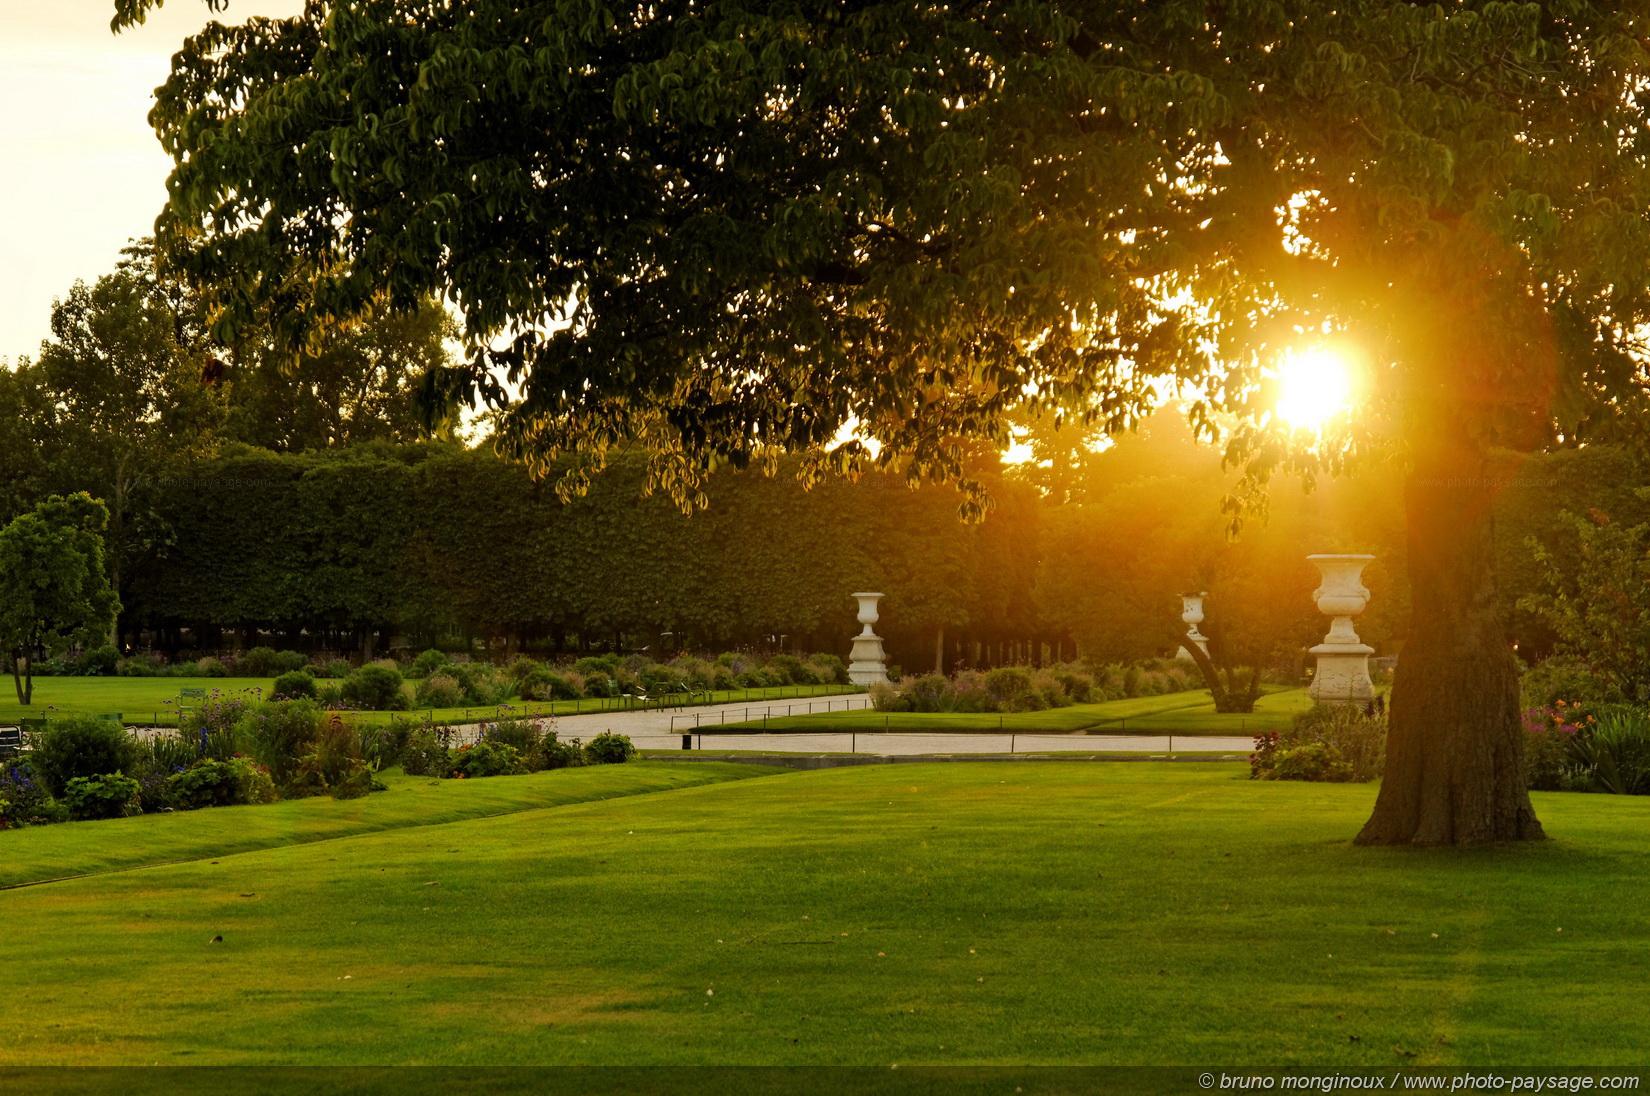 Cliquez ici pour afficher et t l charger le fond d 39 ecran - Soleil jardin ...